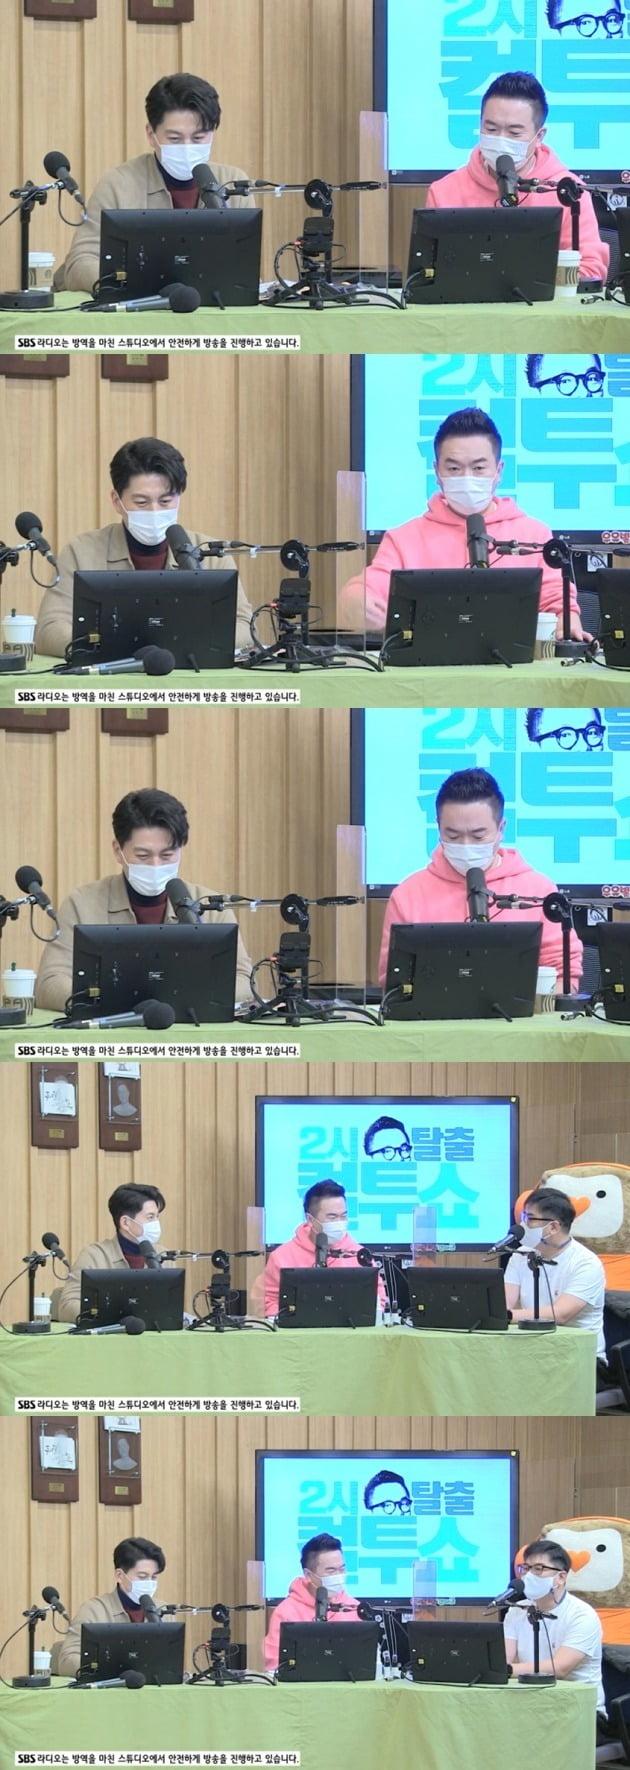 배우 류수영이 '컬투쇼' 스페셜DJ로 함께했다. / 사진=SBS라디오 '컬투쇼' 보는 라디오 캡처